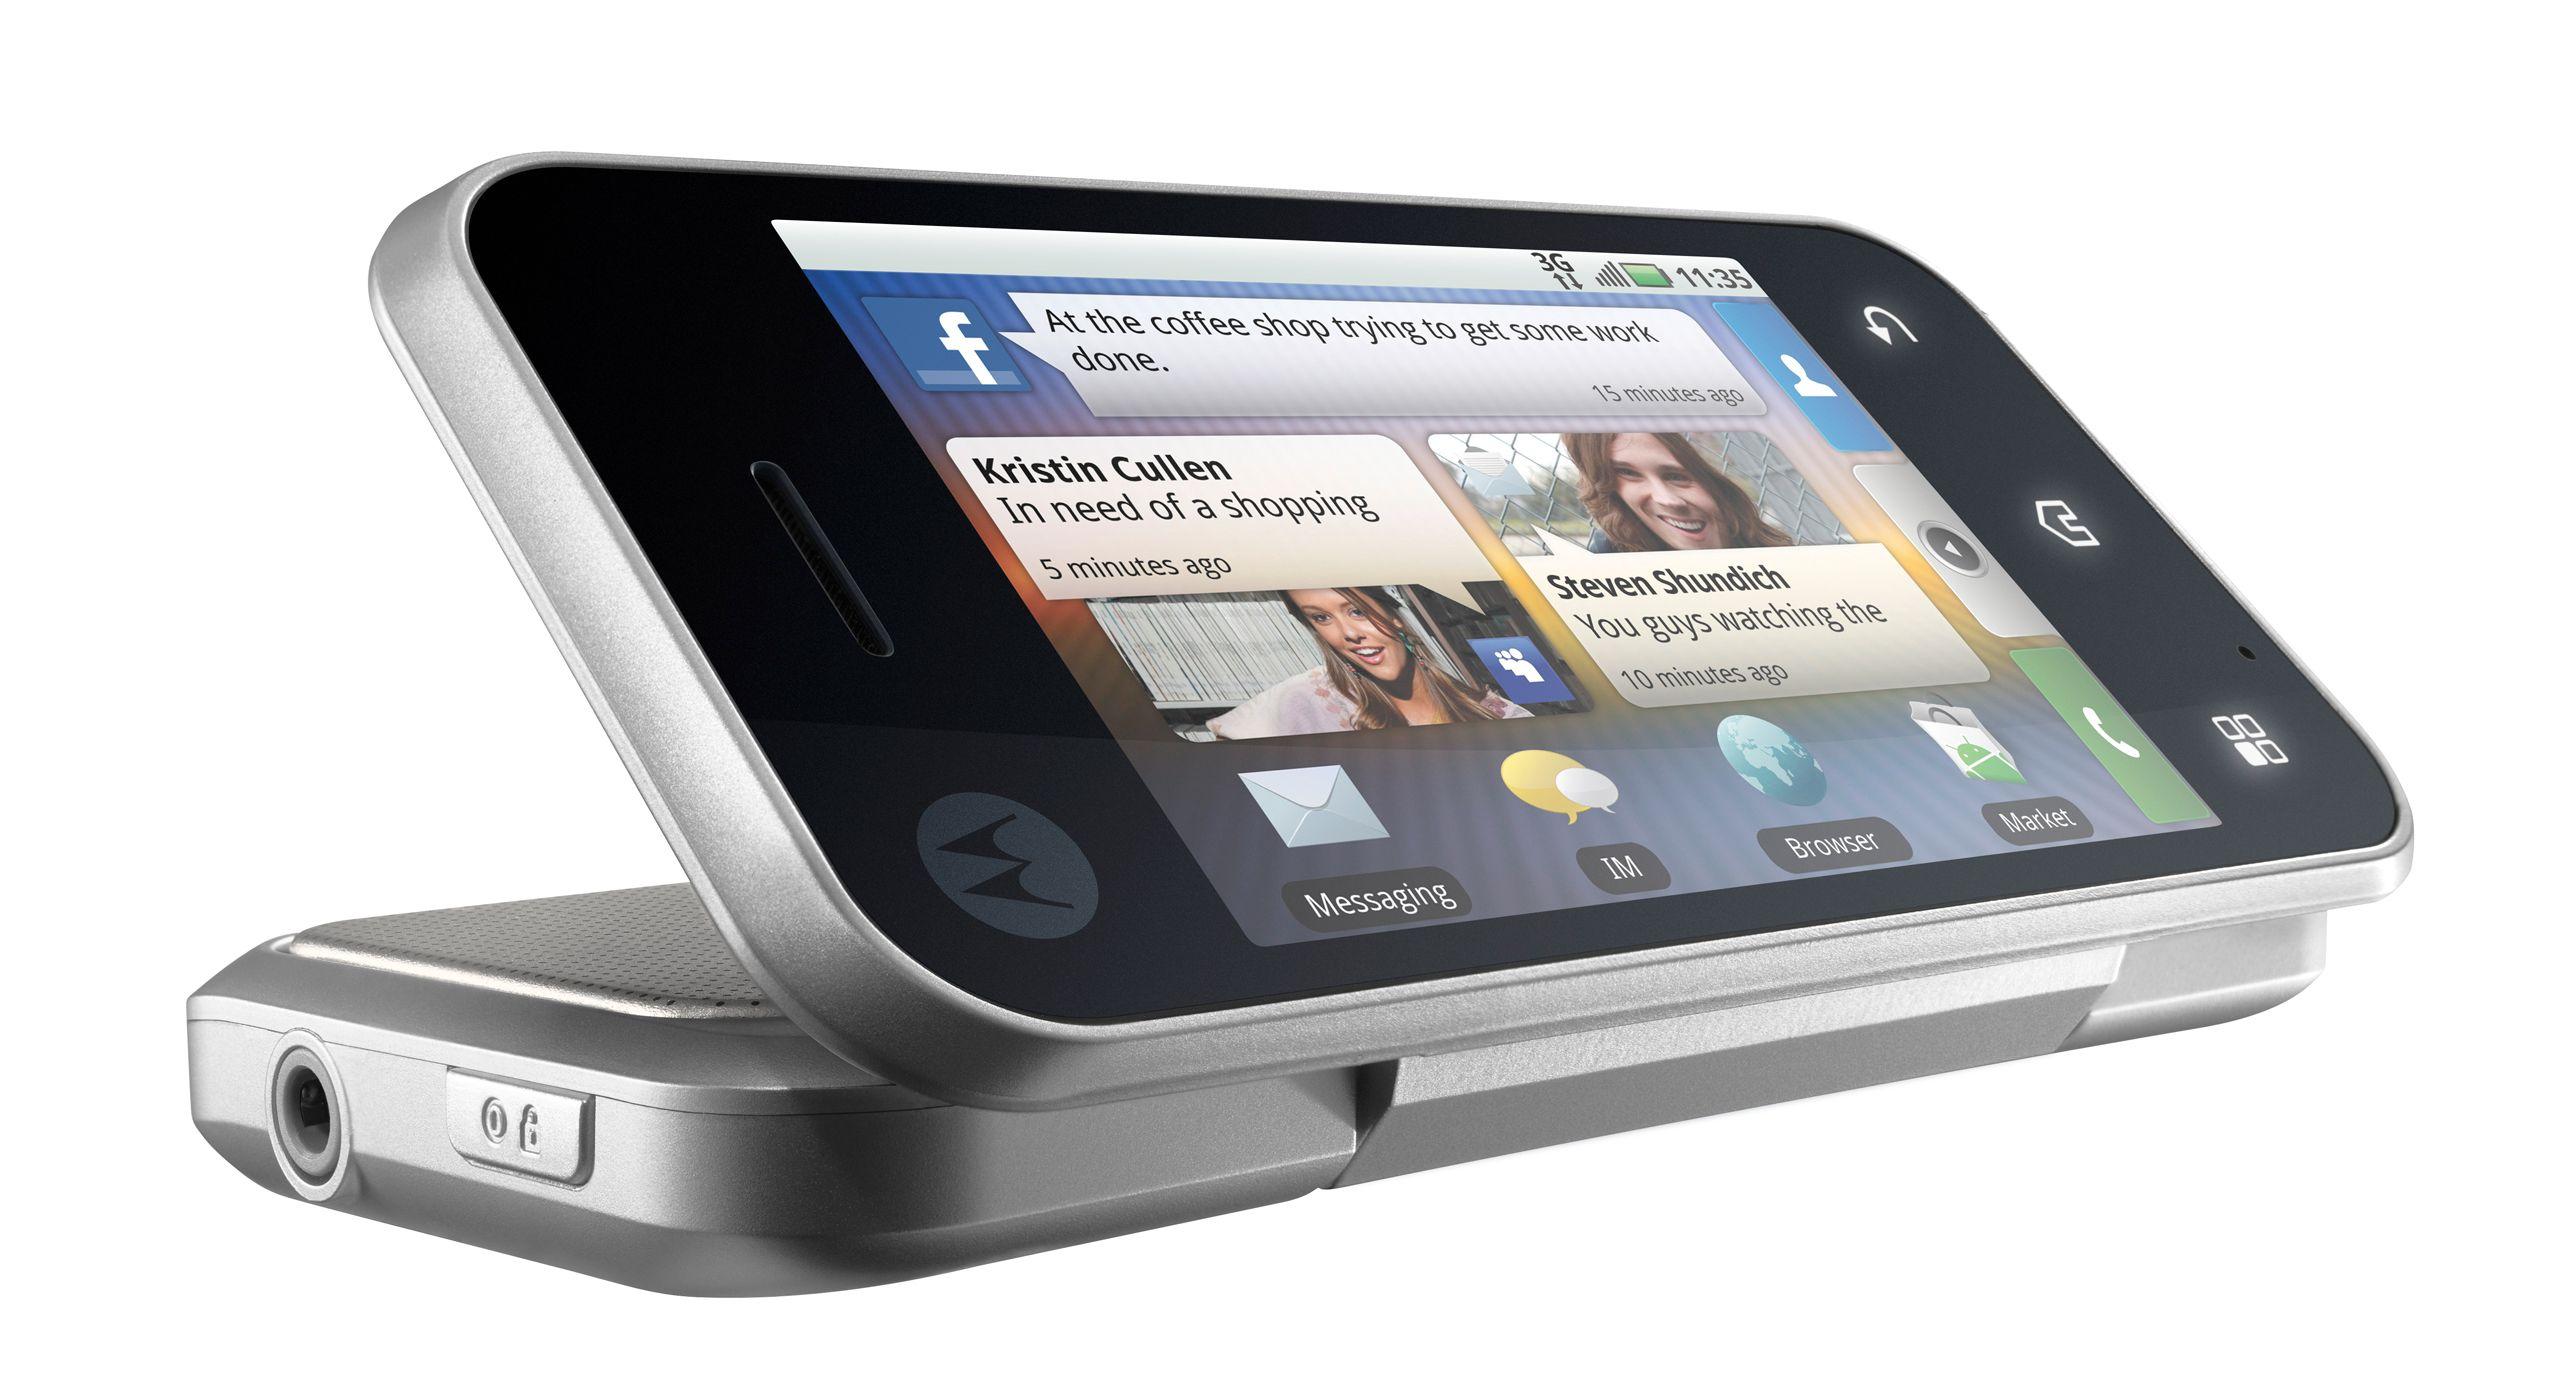 I stedet for stativ kan man brette telefonen delvis ut ved filmtitting eller videosamtale.